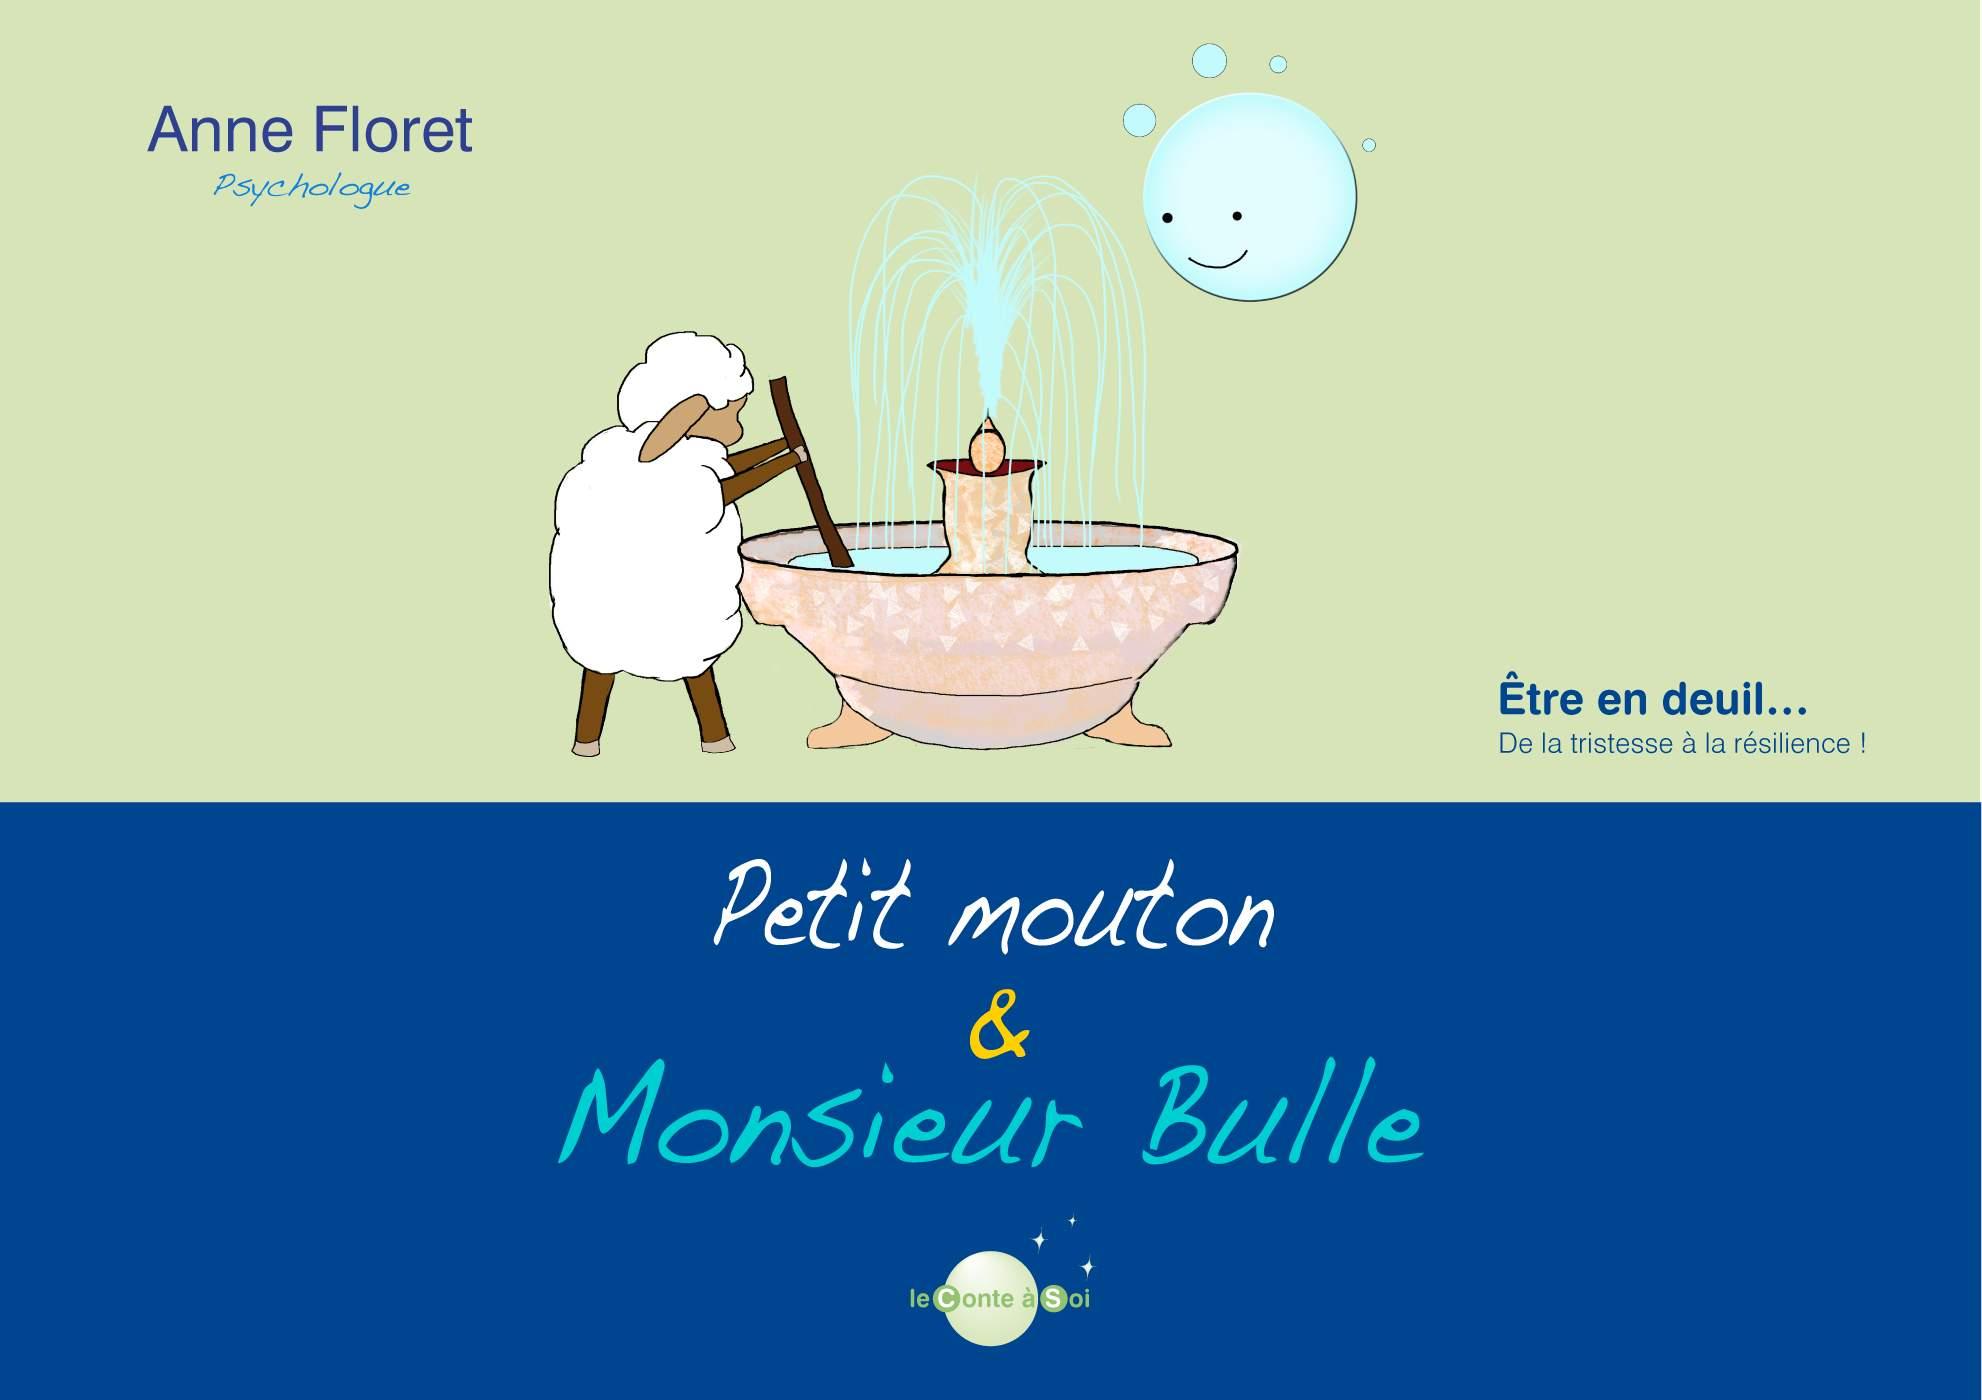 Petit Mouton & Monsieur Bulle